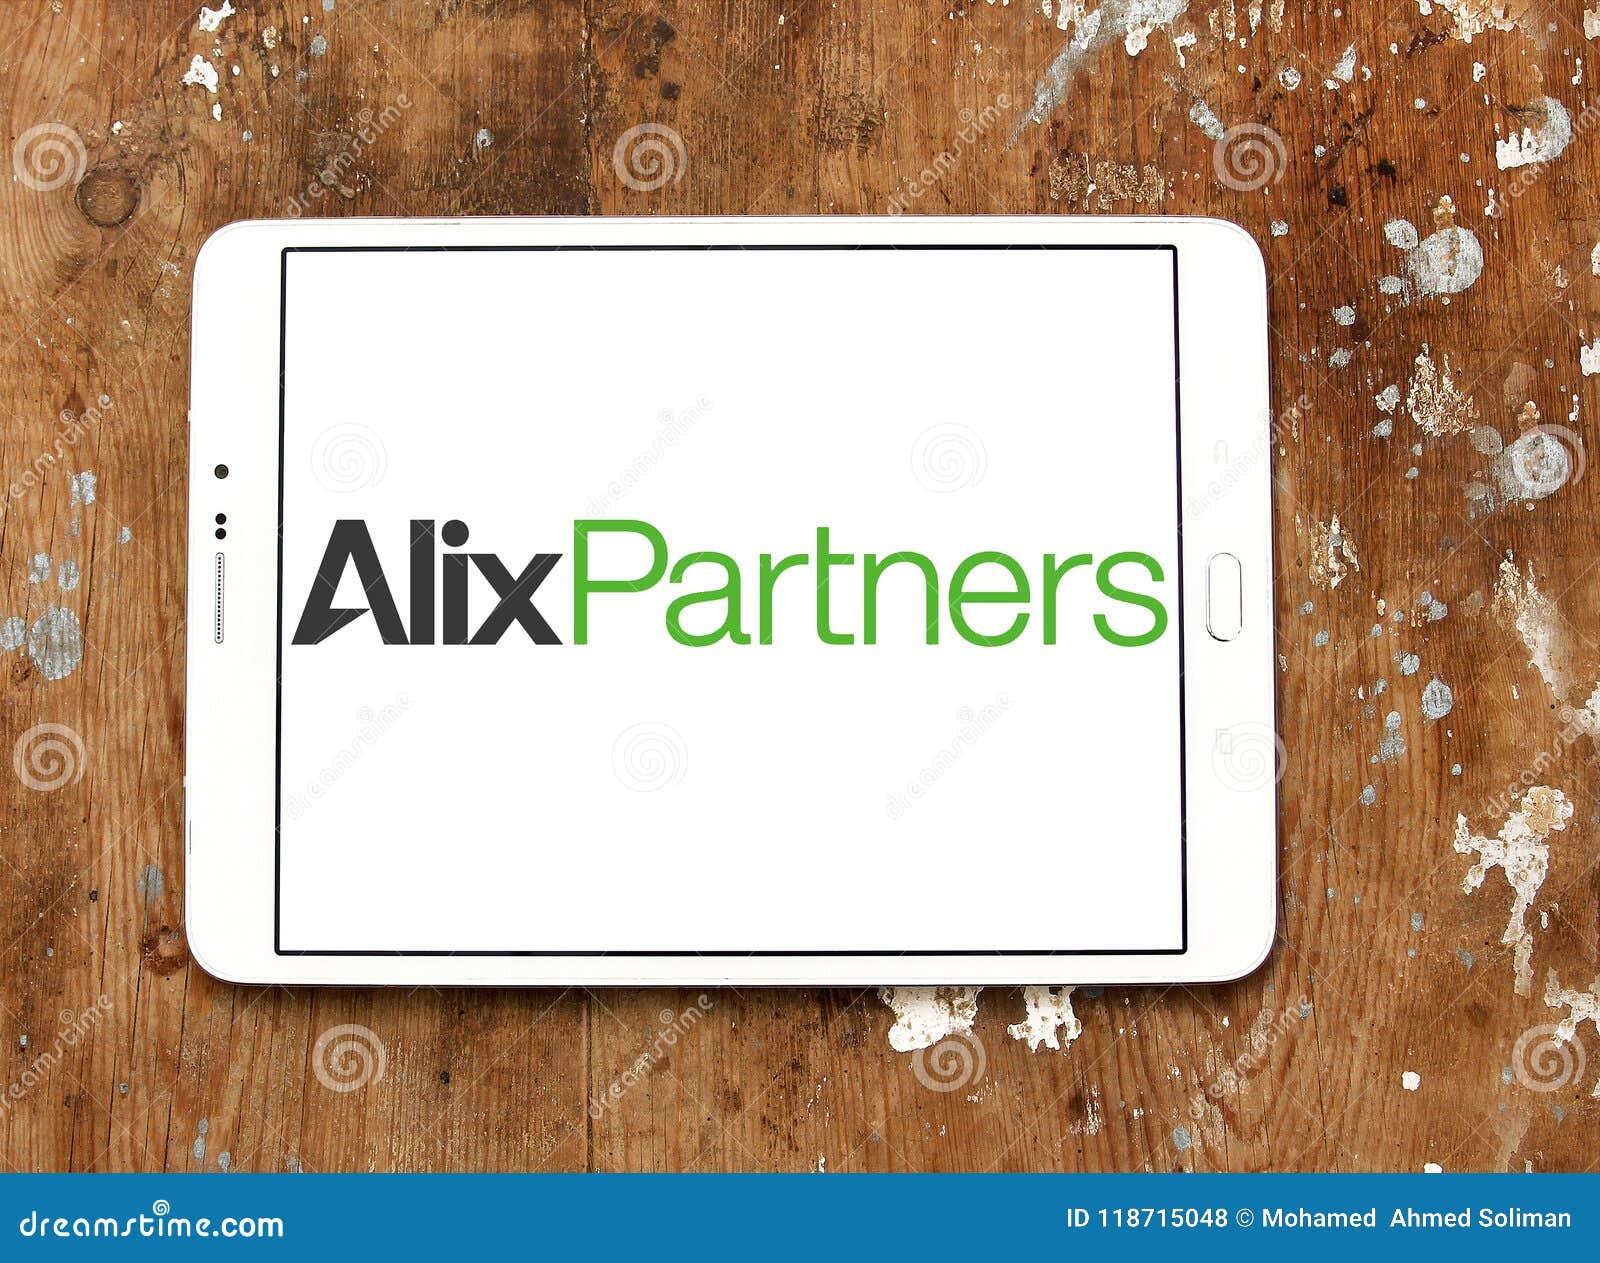 AlixPartners company logo editorial stock photo  Image of